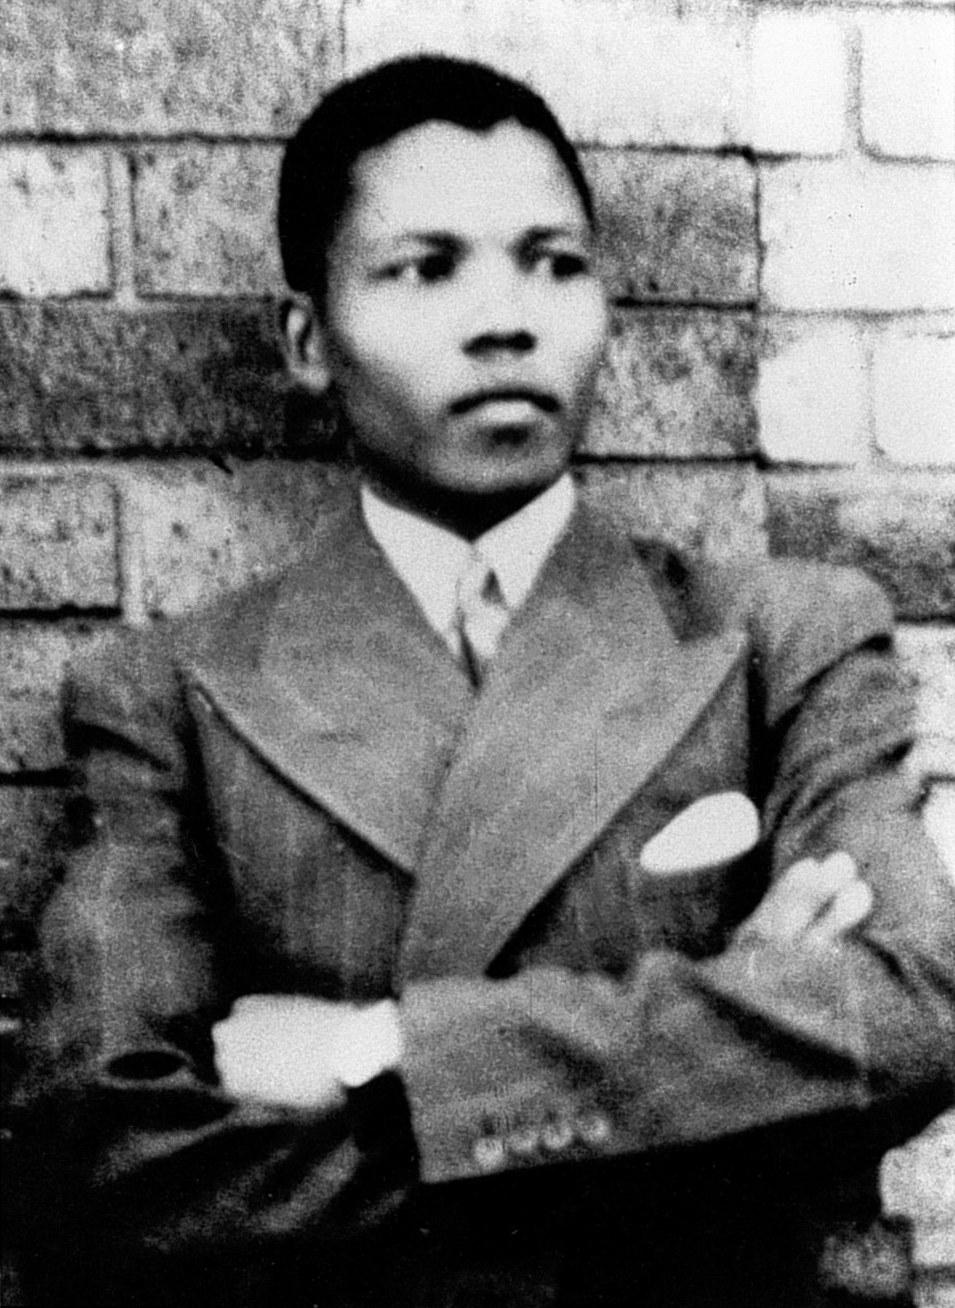 Fileyoung Mandelag Wikimedia Commons